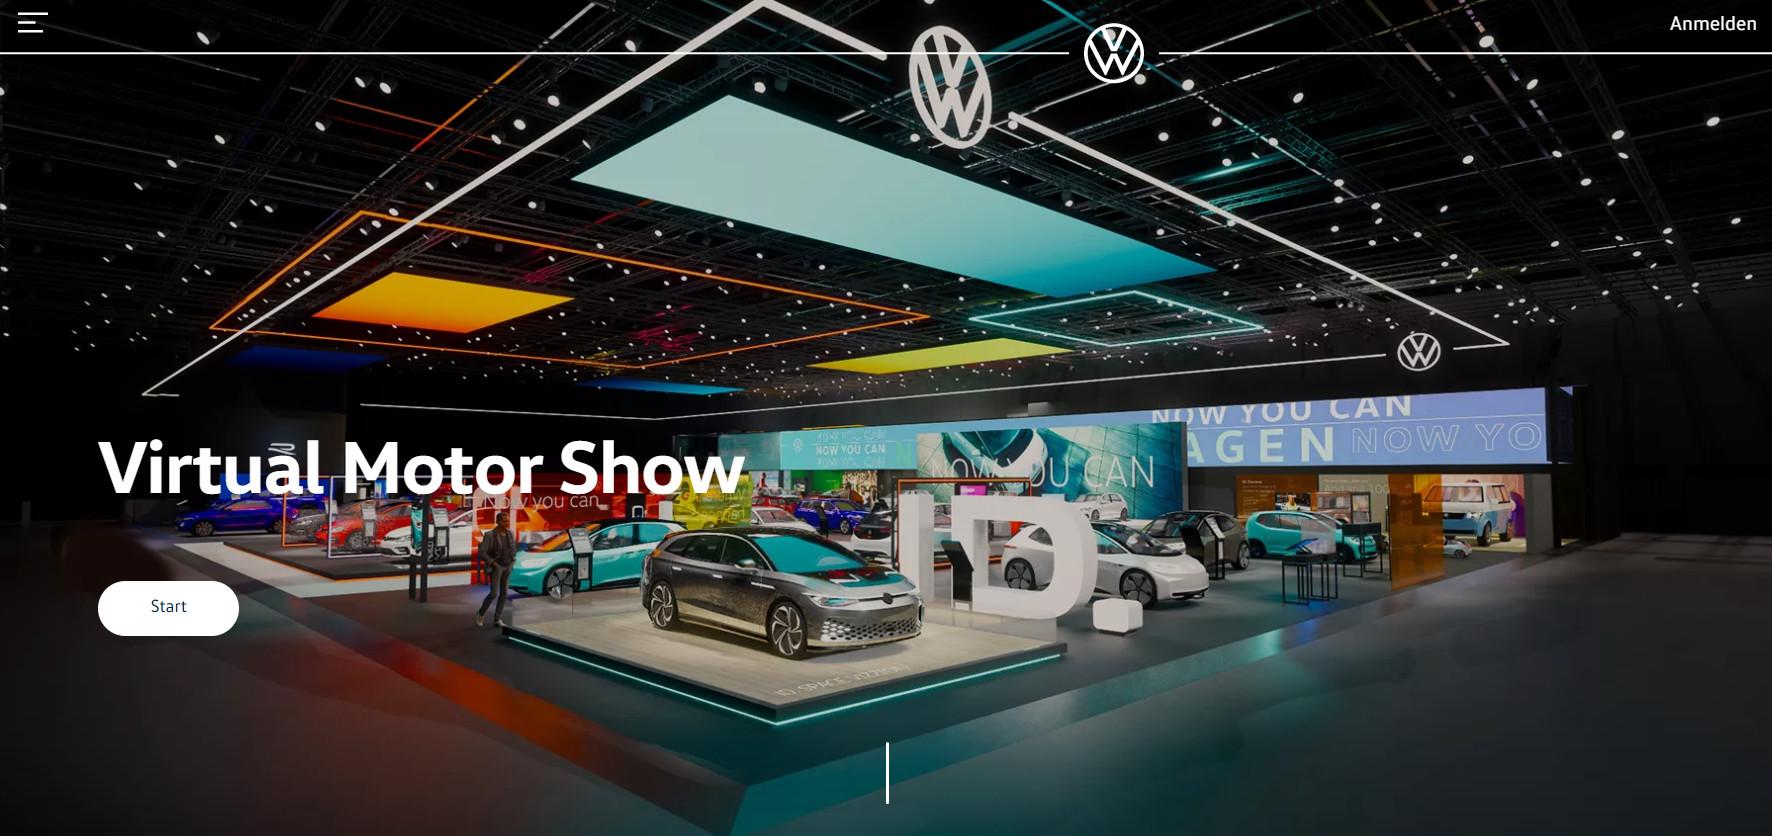 Recorre el stand virtual de Volkswagen en el Autoshow de Ginebra